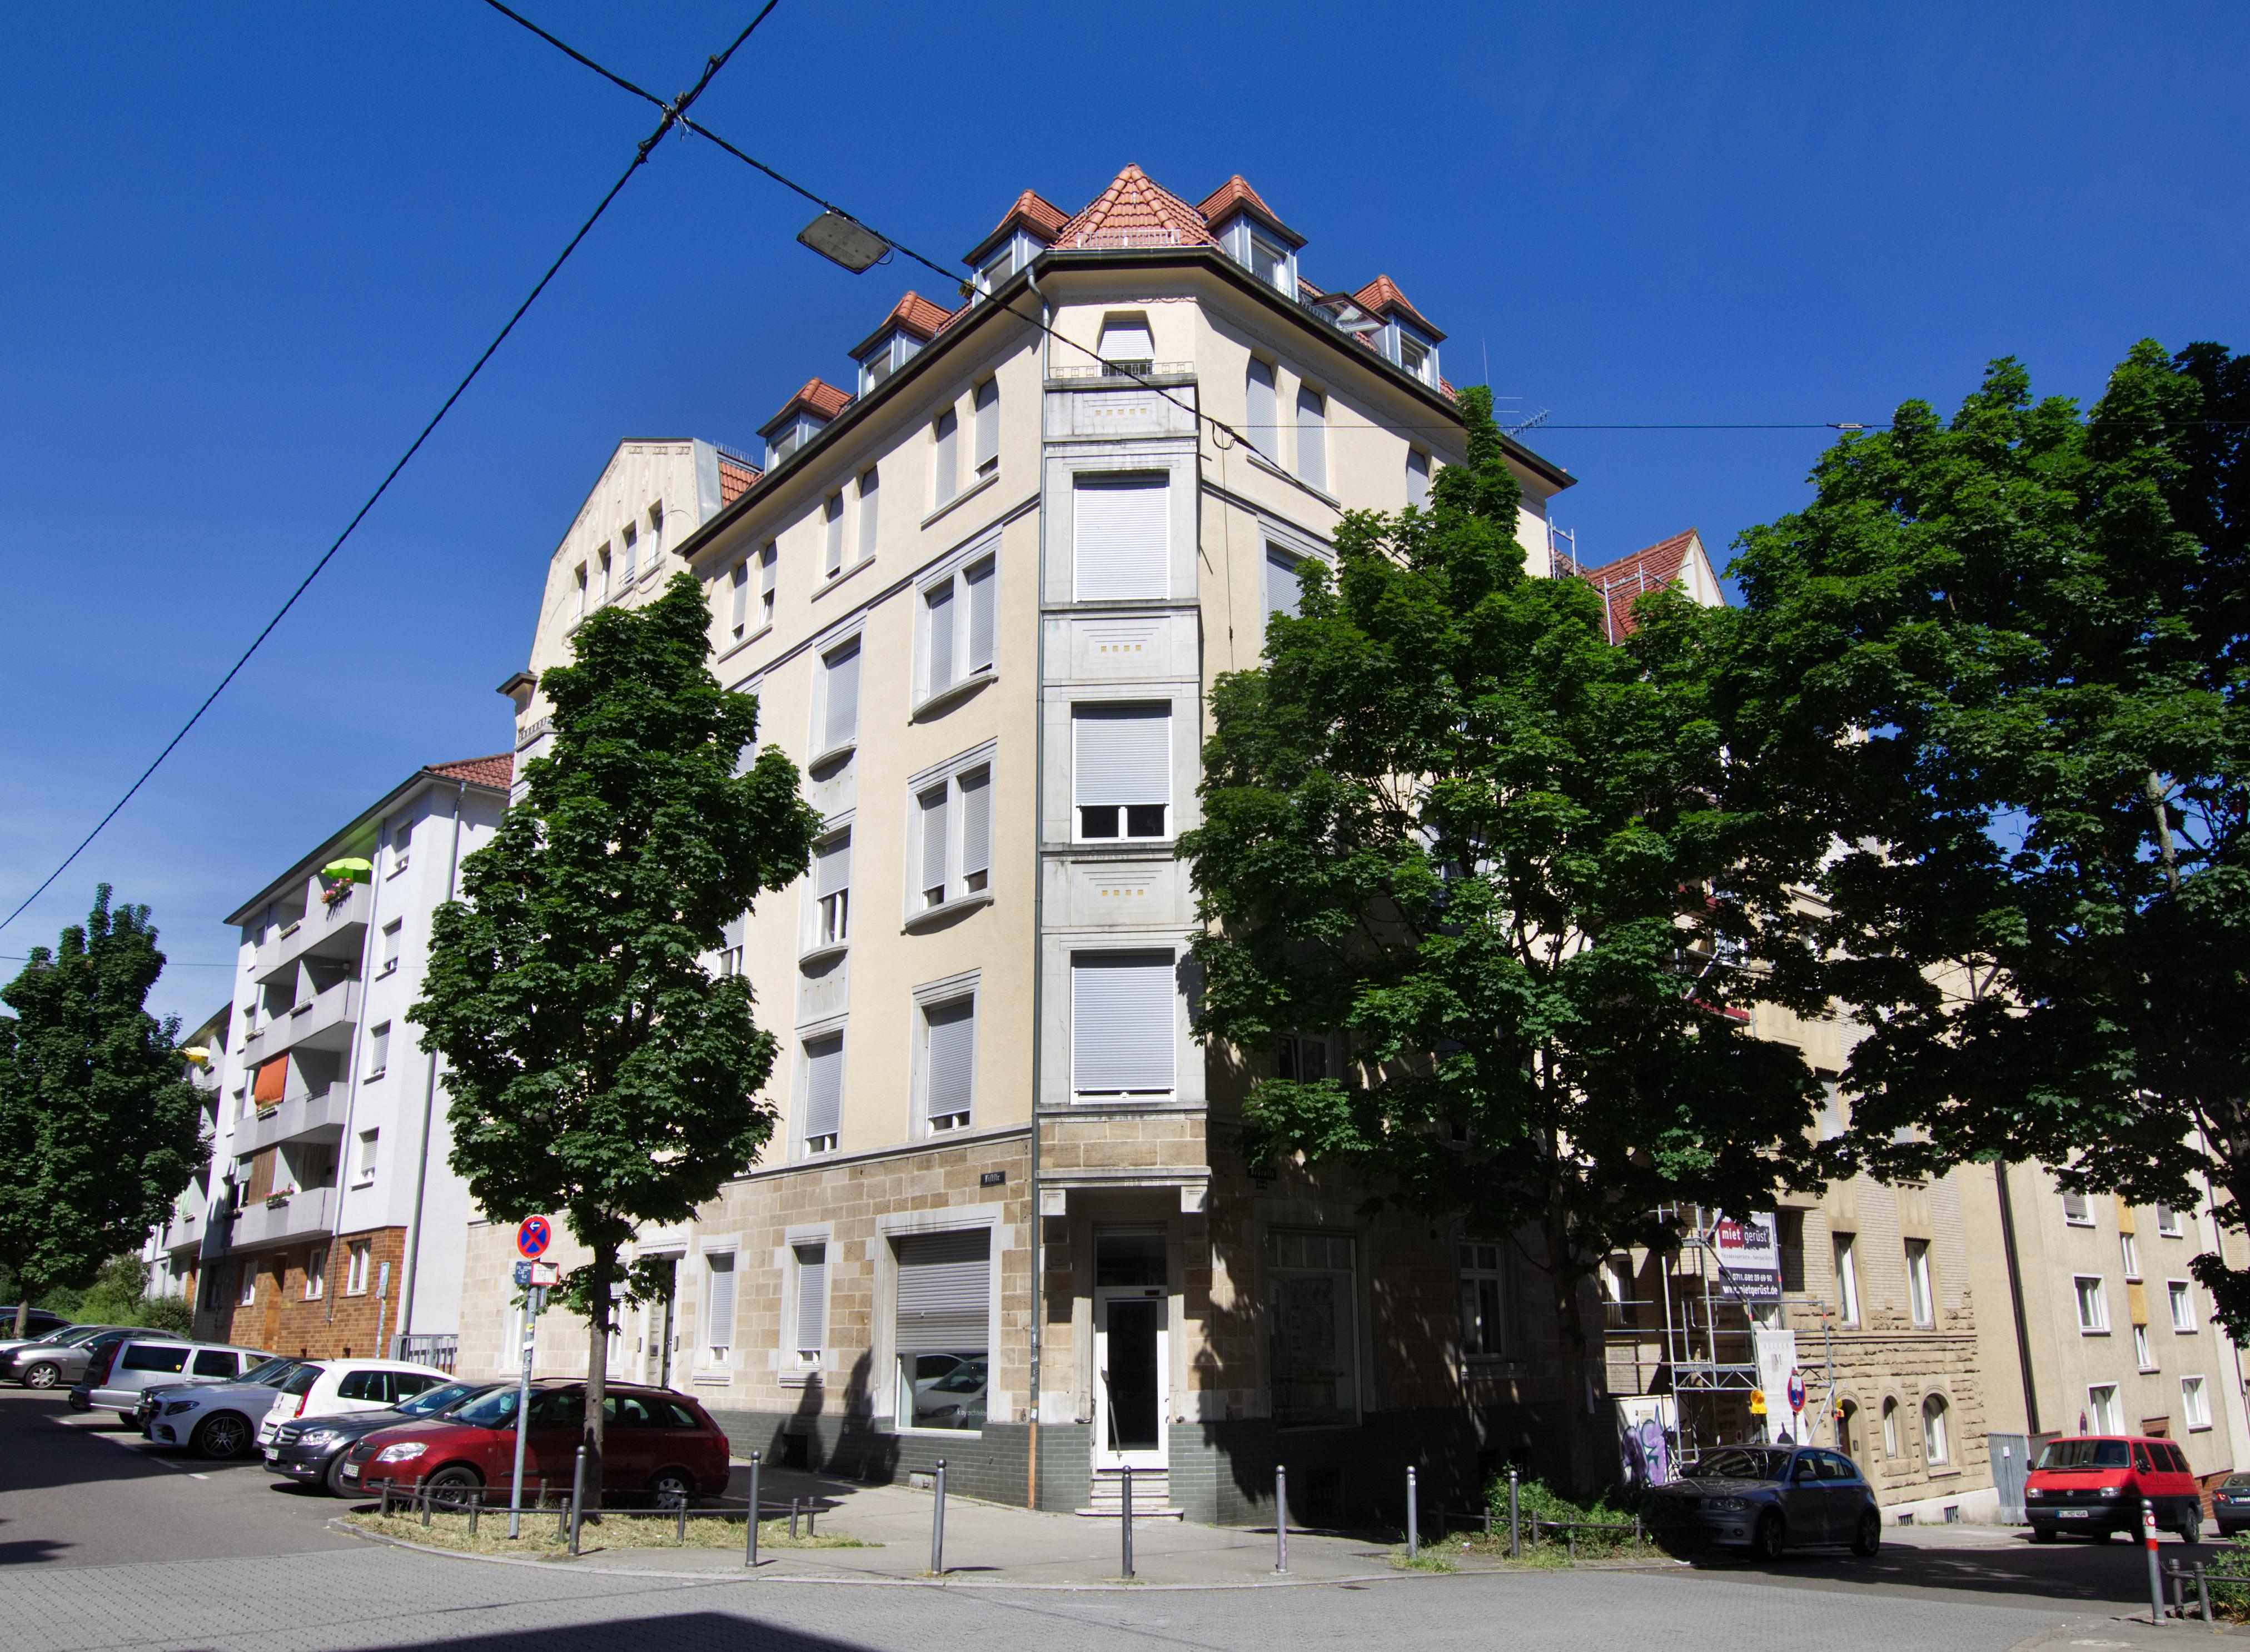 Lehenstraße Stuttgart